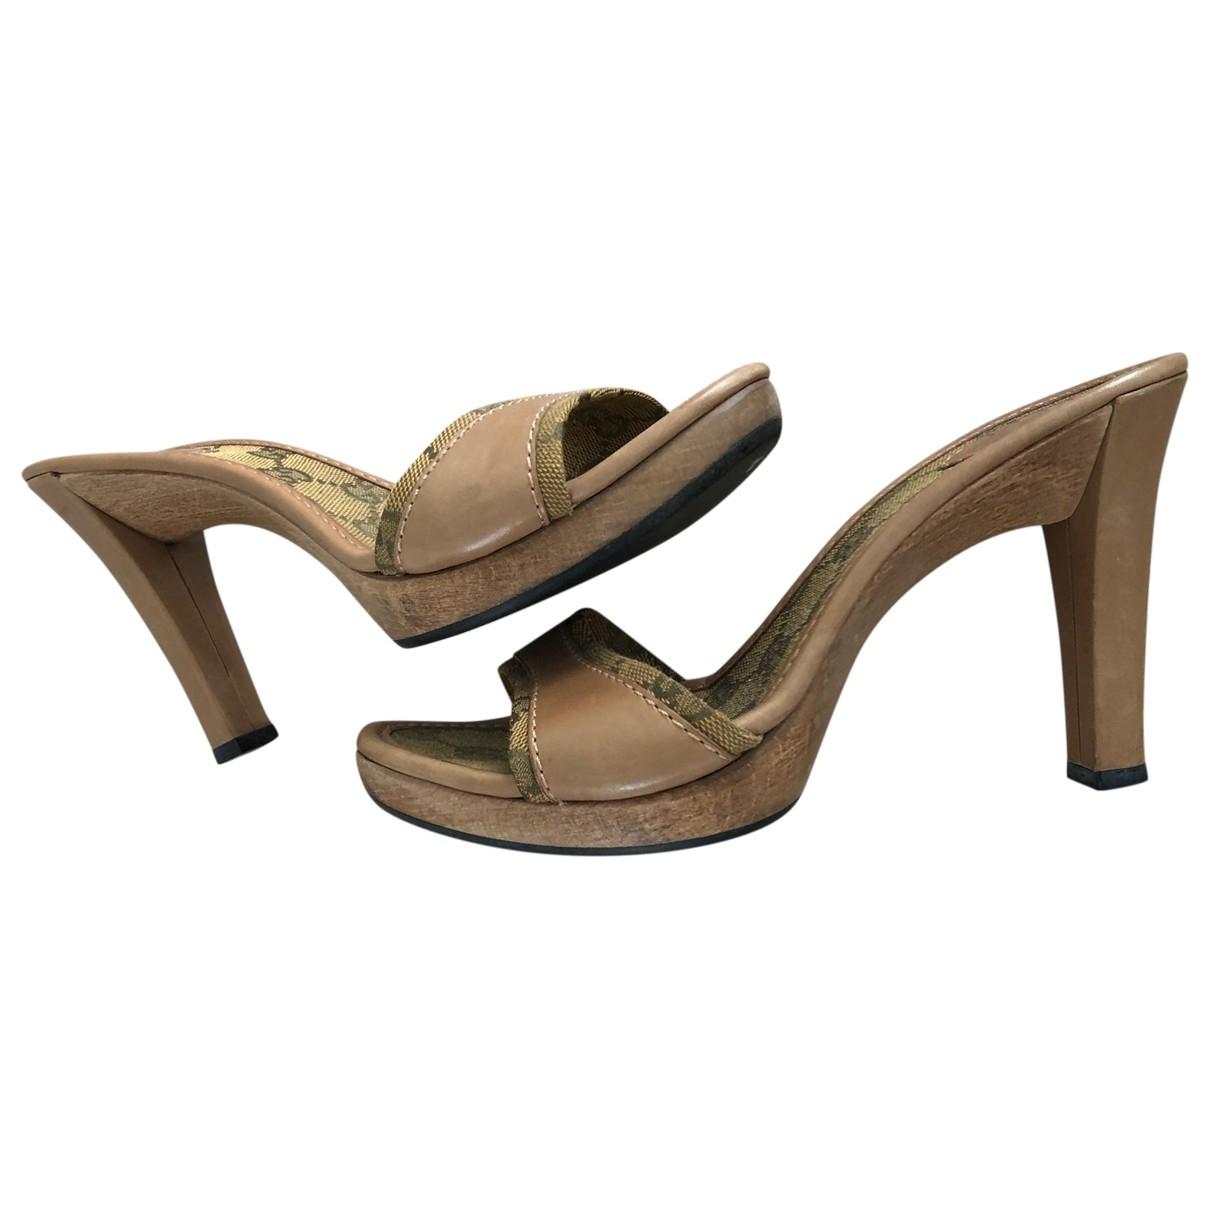 Gucci - Sandales   pour femme en toile - camel